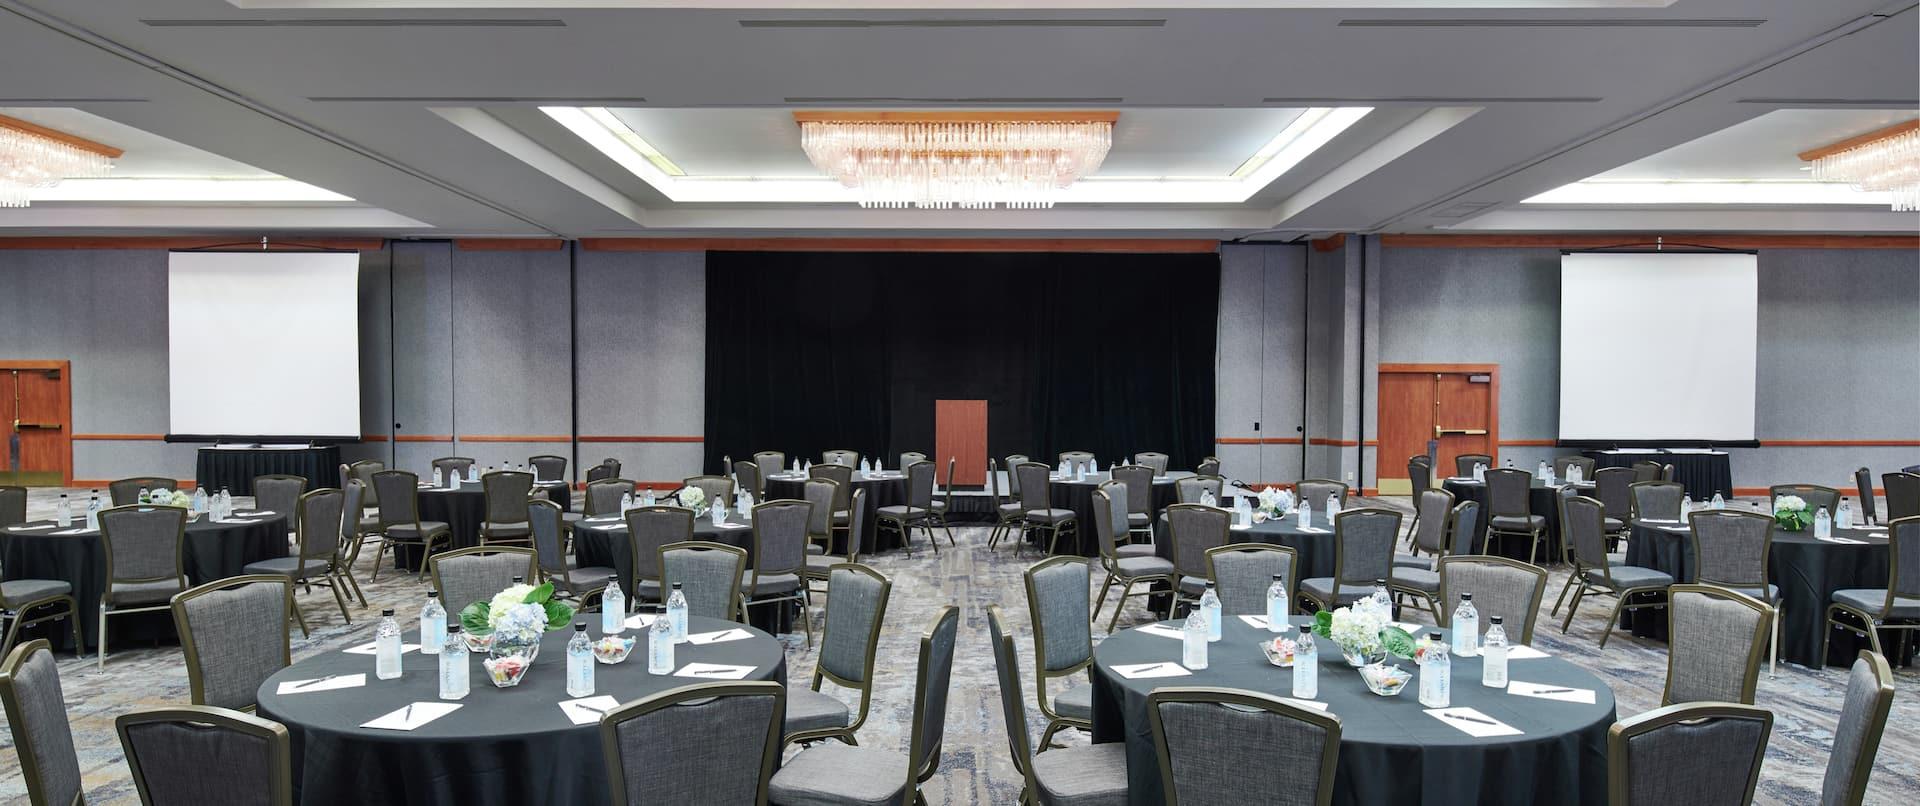 Alaska Ballroom Setup with Round Tables